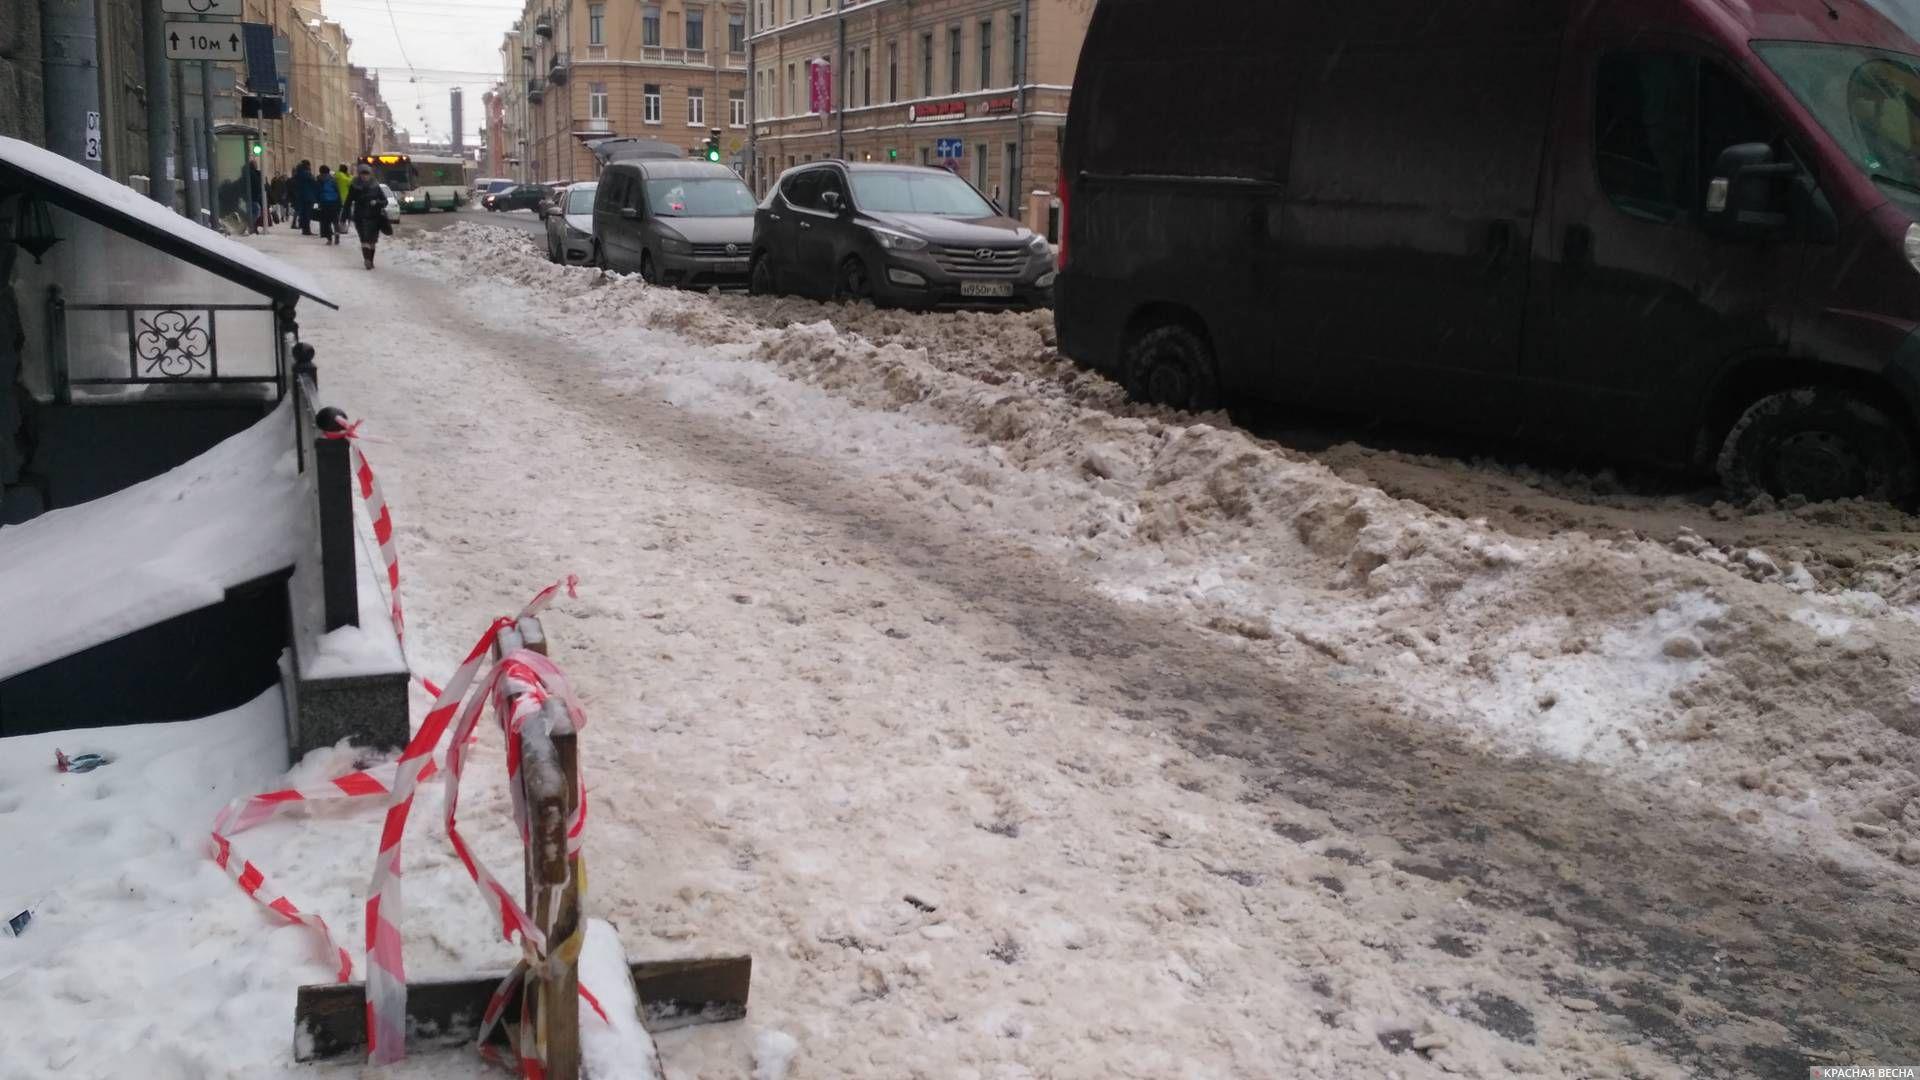 Крыши чисты, проход по тротуару открыт, проблема теперь в крайнем правом ряду. Санкт-Петербург